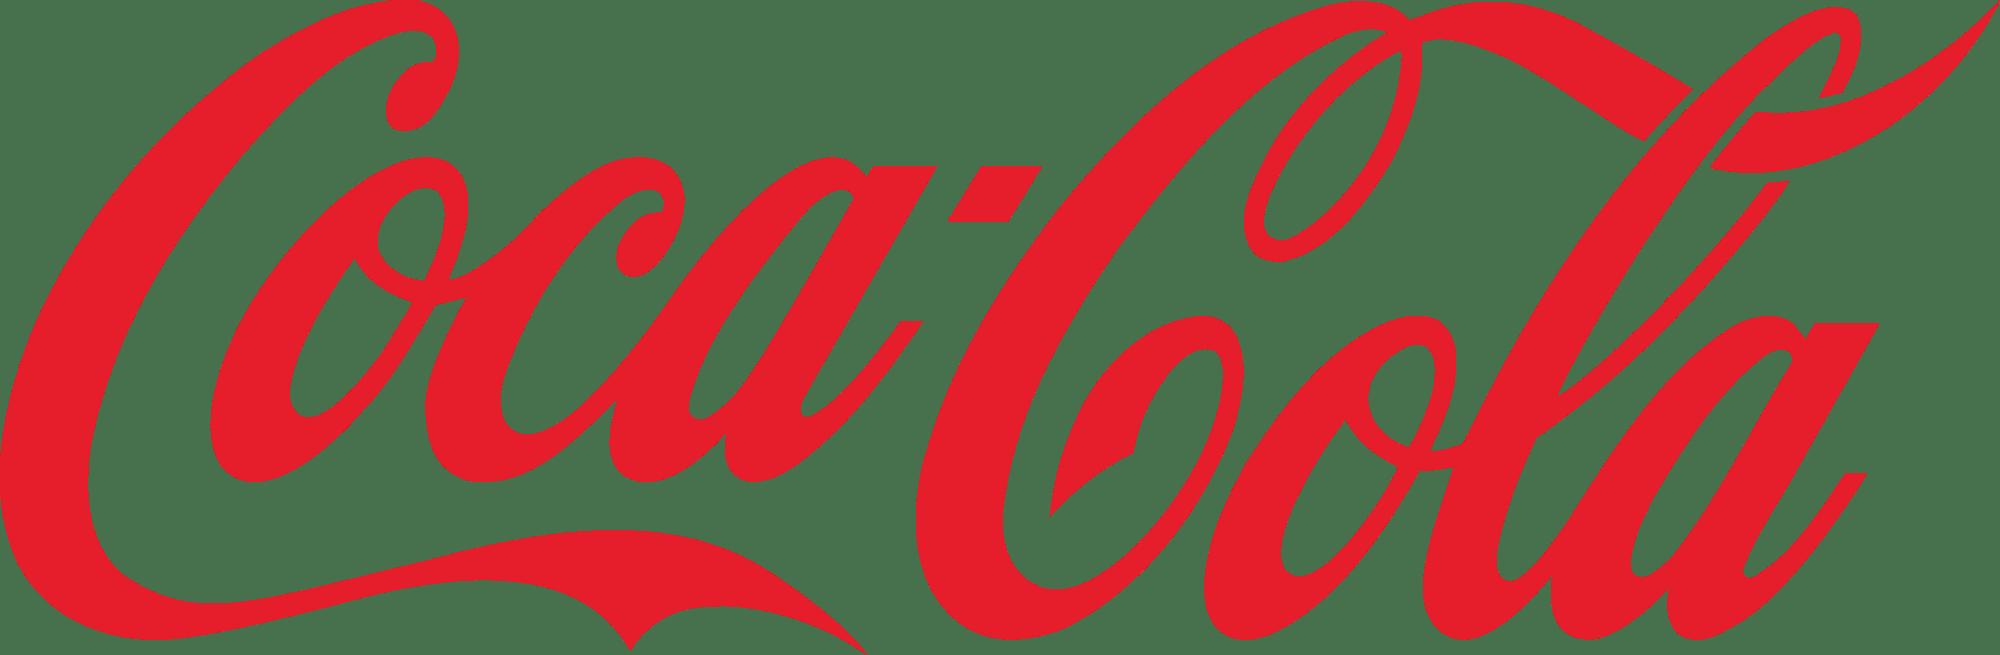 patrocinadores04